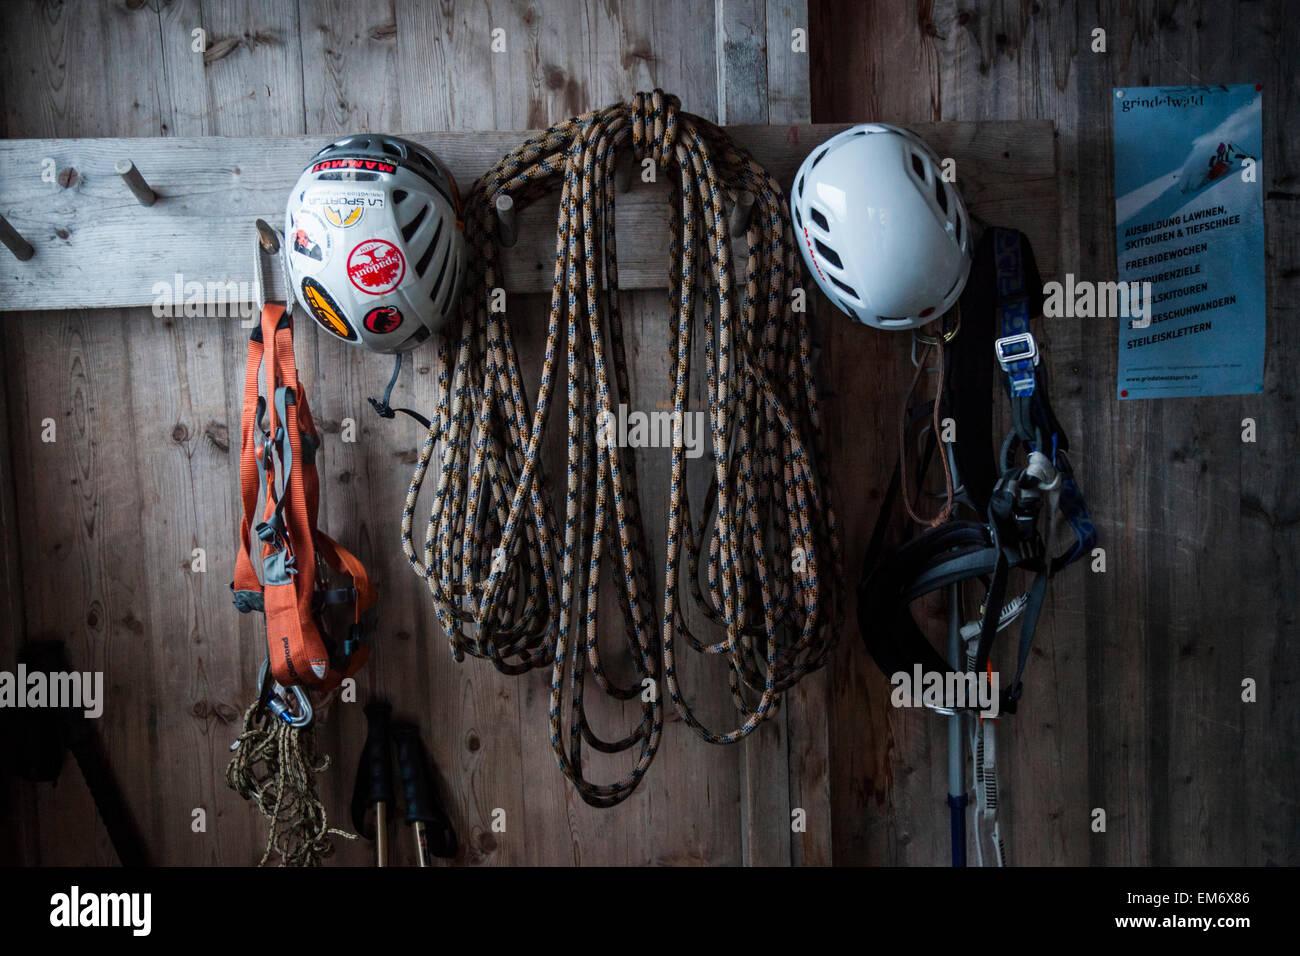 Kletterausrüstung Kaufen Schweiz : Kletterausrüstung kaufen schweiz klettern die top angebote für